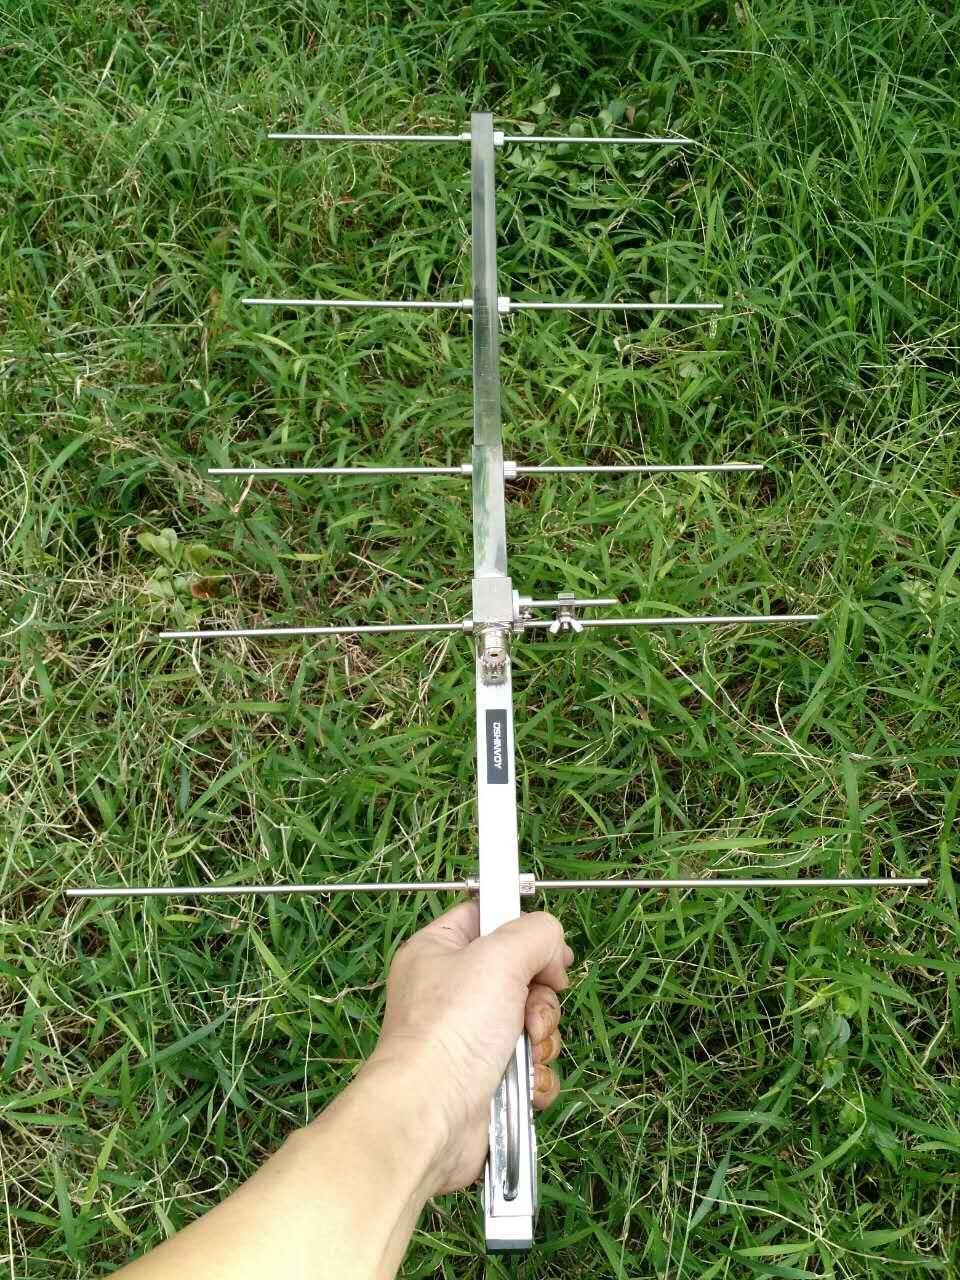 HAM 435M yagi антена 5елементи yagi на 433MHz 440mhz аматьор UHF ретранслатор базова станция yagi антена